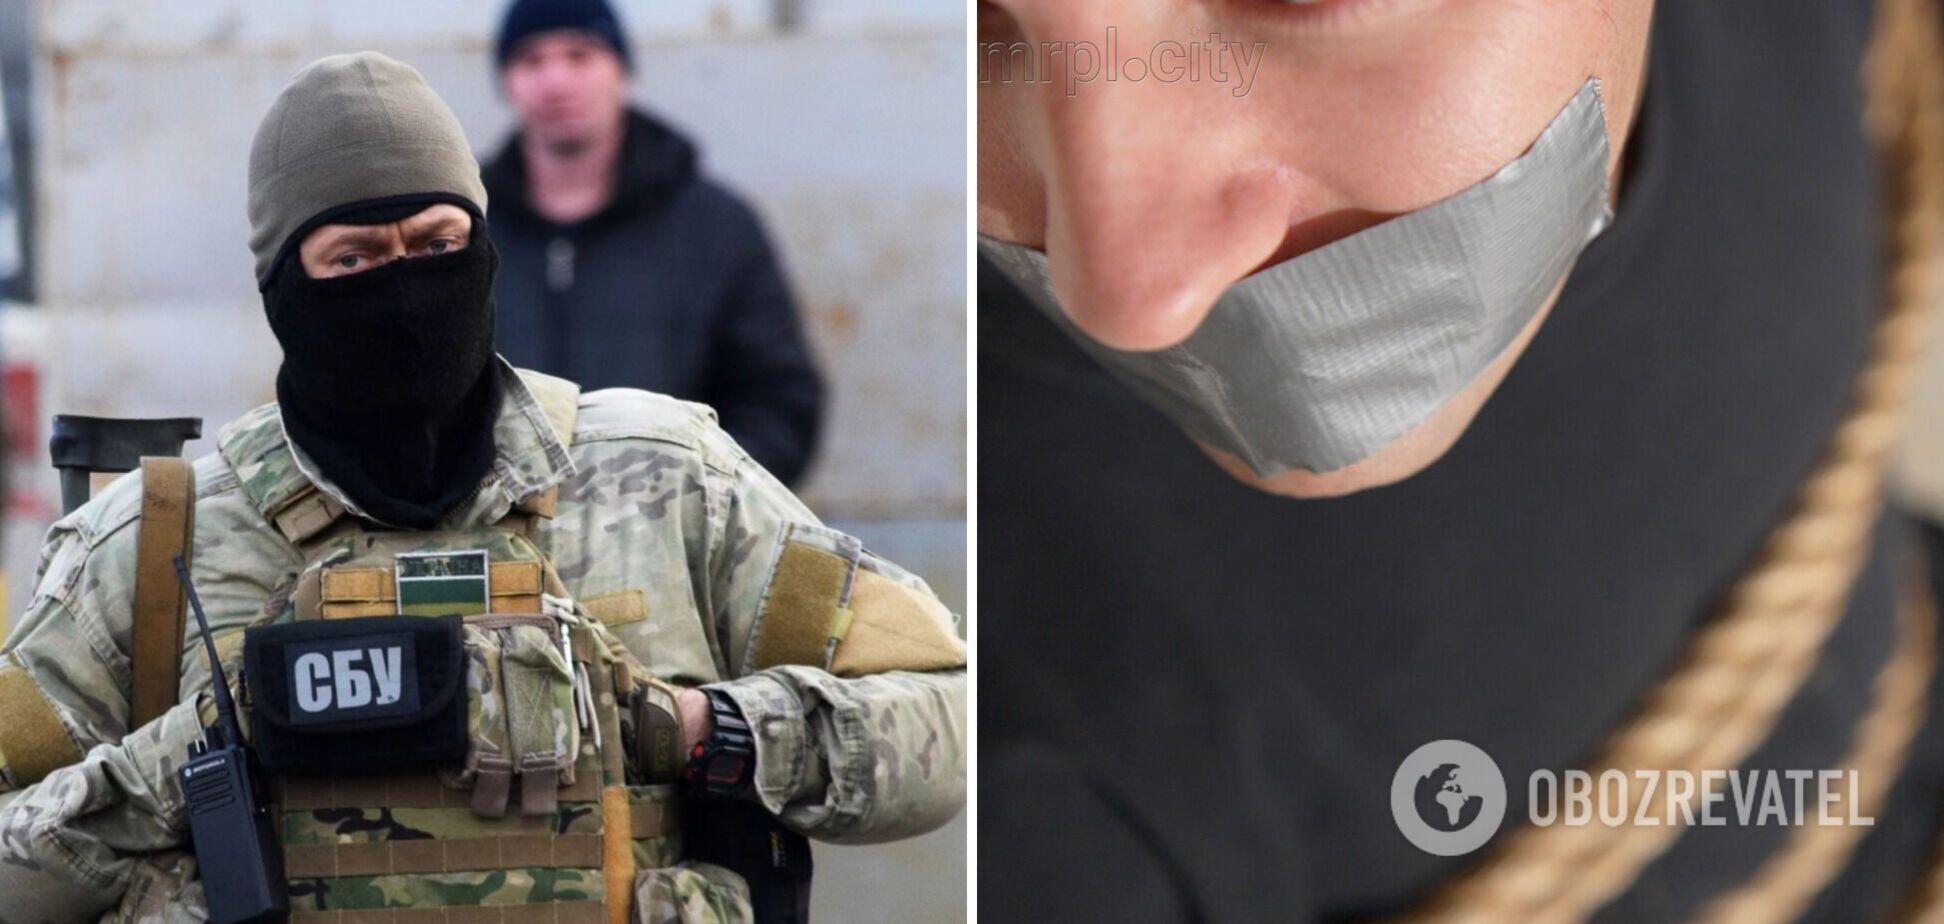 Вимагали 200 тис. доларів і били: співробітників СБУ звинуватили у викраденні та тортурах іноземця. Відео